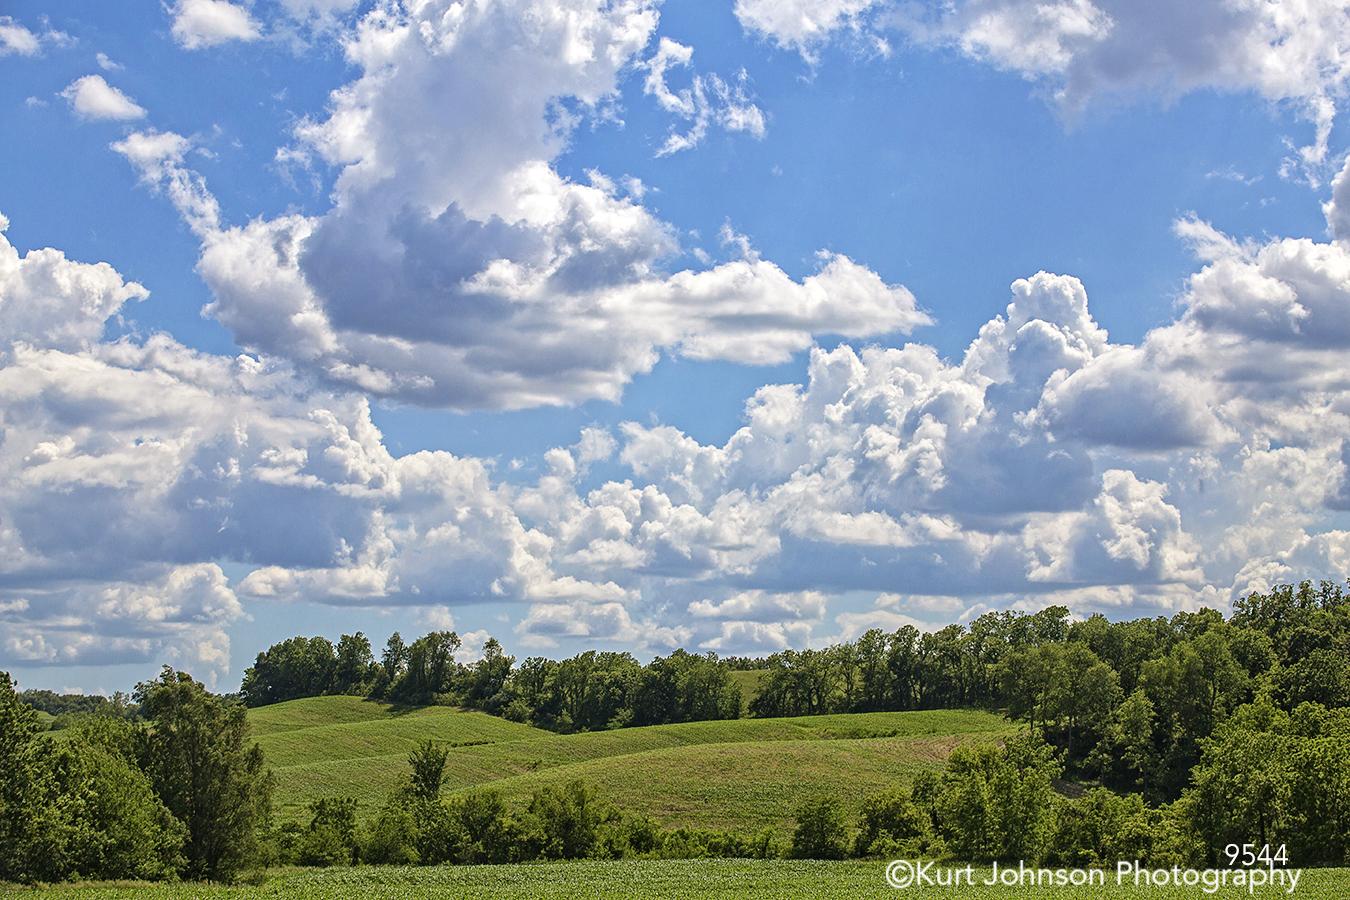 landscape clouds blue sky green fields trees